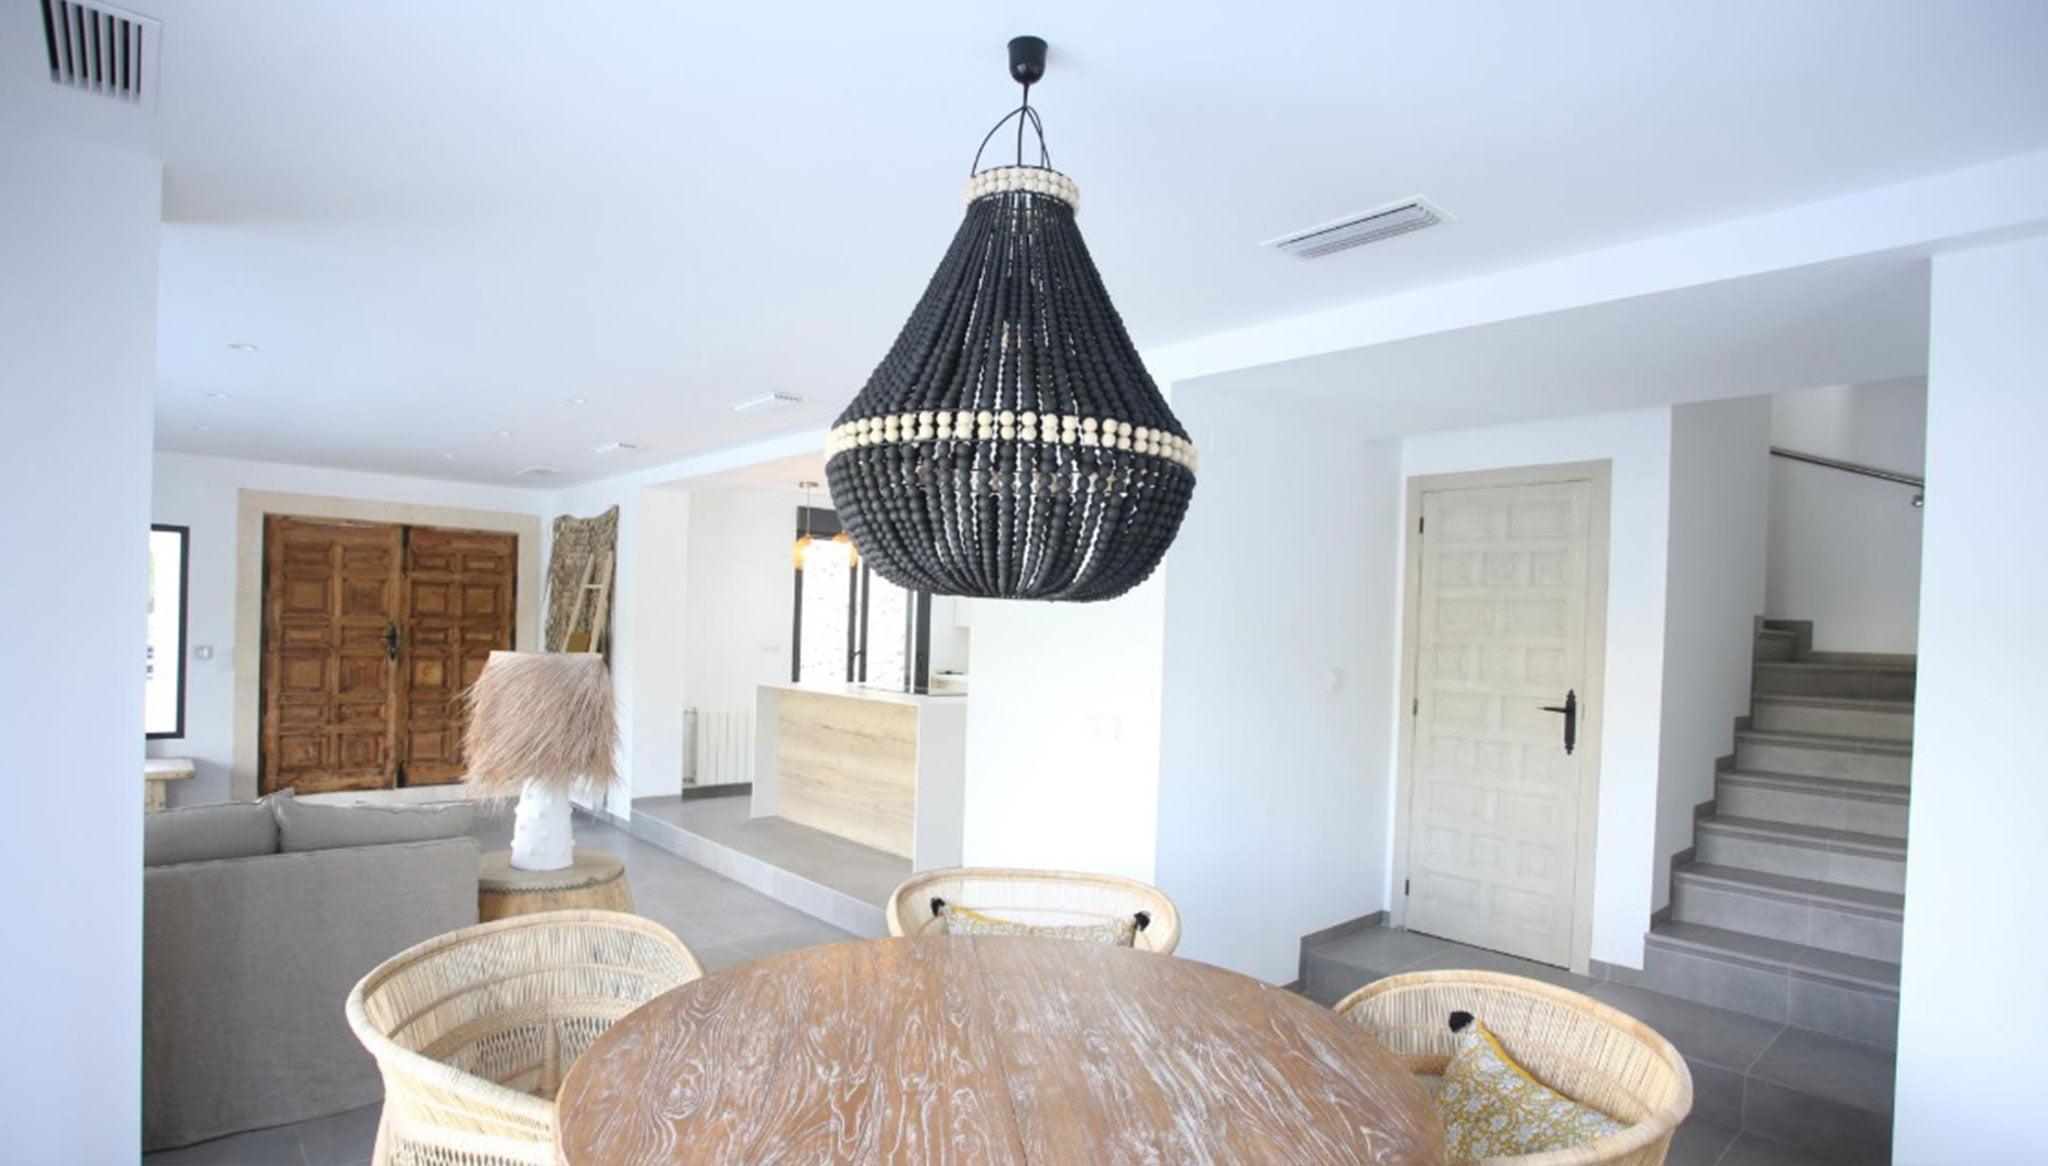 Comedor de una propiedad de lujo de estilo ibicenco en venta en Moraira – Fine & Country Costa Blanca Norte